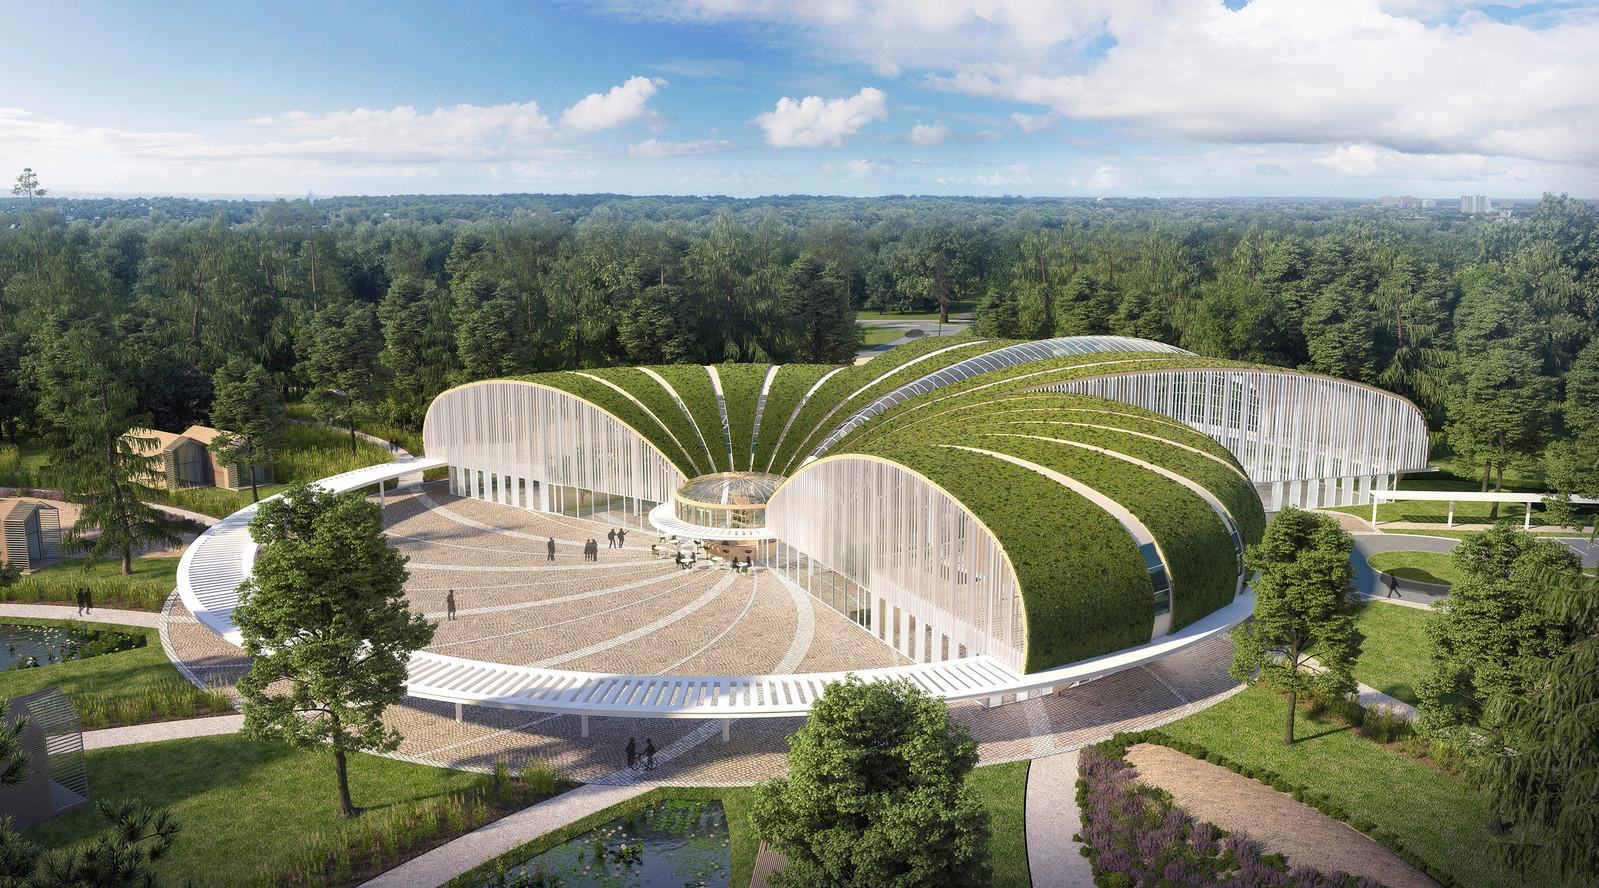 Ontwerp van het nieuwe Forest Village. Landal GreenParks wordt de beheerder van het luxe vakantiepark.